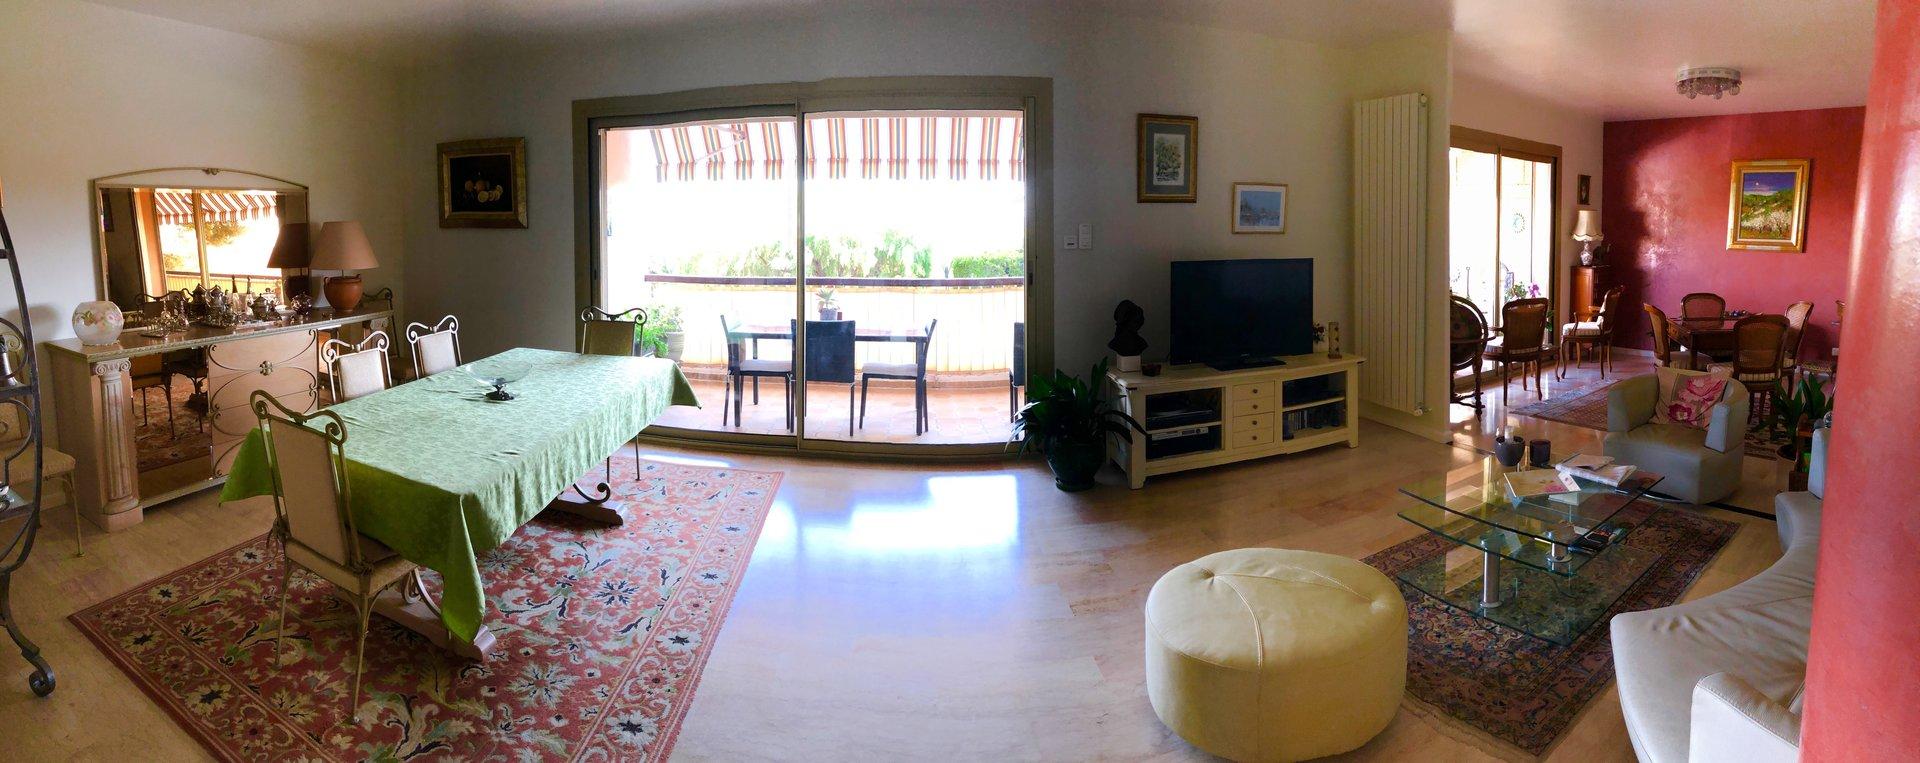 BANDOL coeur de ville appartement 5 pièces de 123 m²